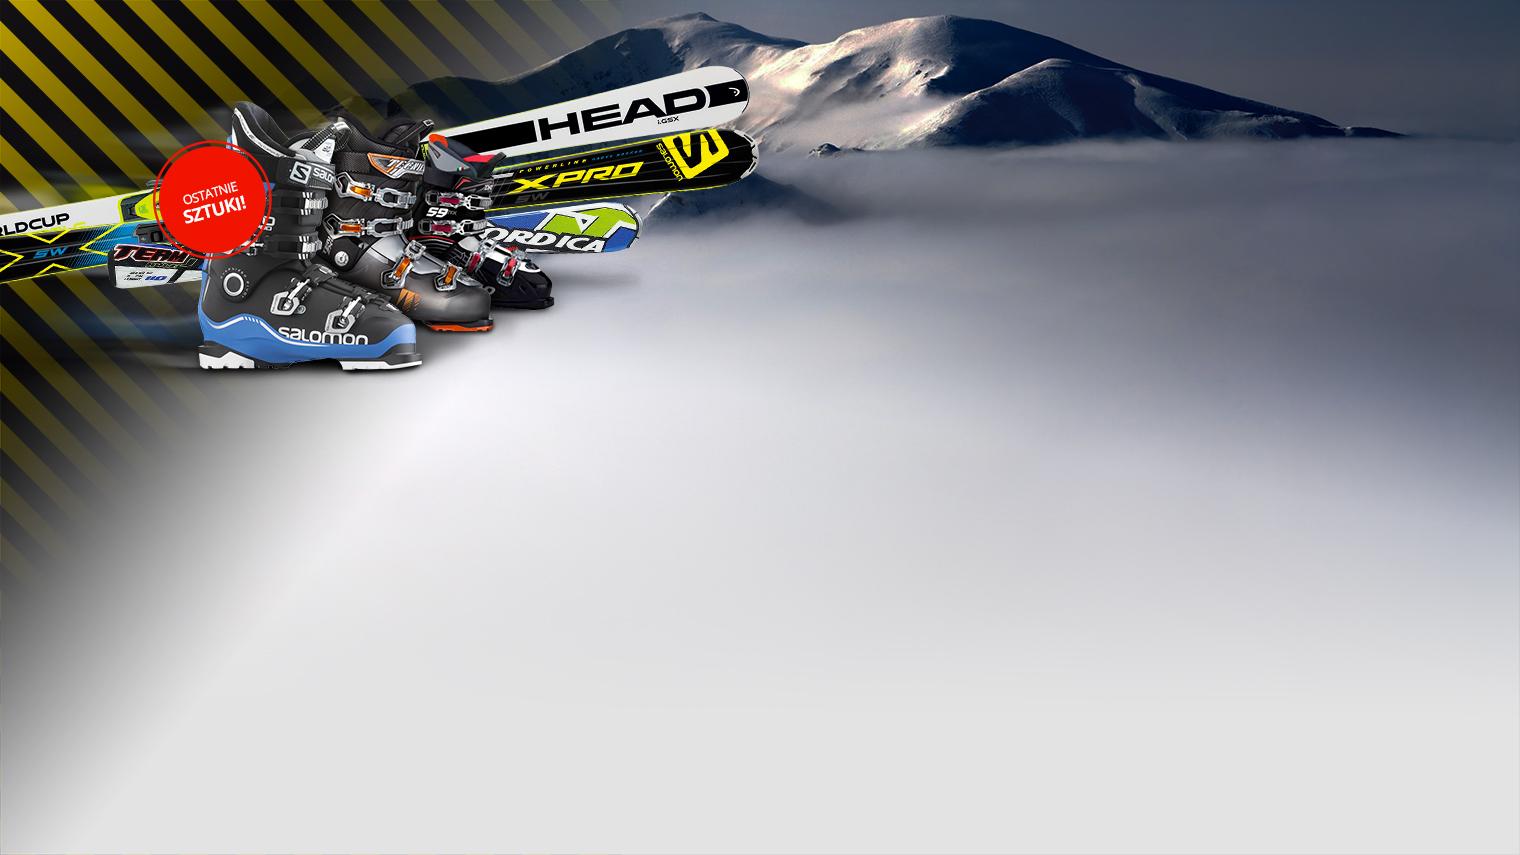 Wyprzedaż nart i butów narciarskich w mrożąco niskich cenach!